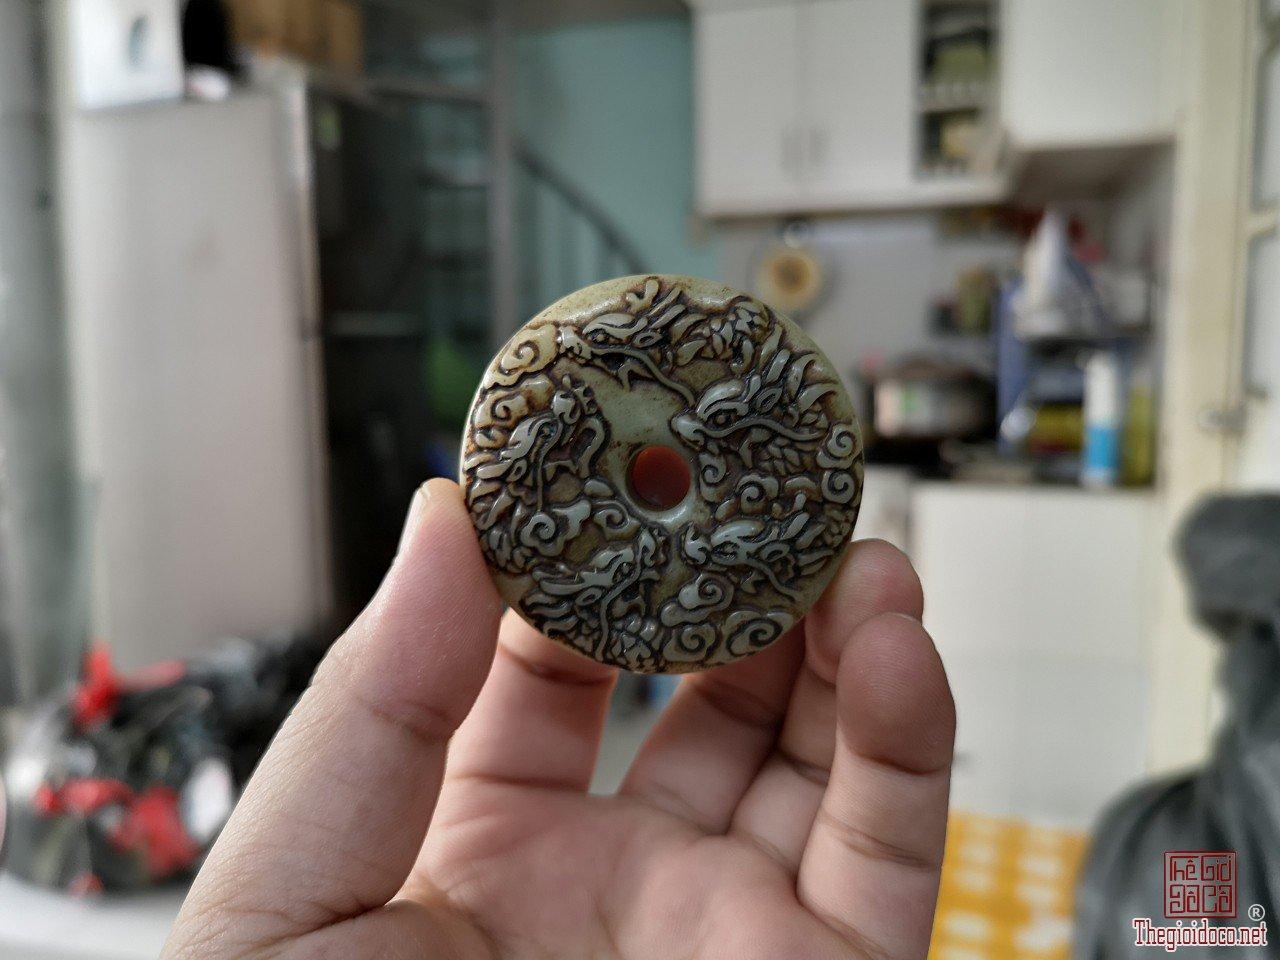 Ngọc bội ngũ long 5 rồng quý hiếm hoa văn đẹp hàng hiếm giá mềm